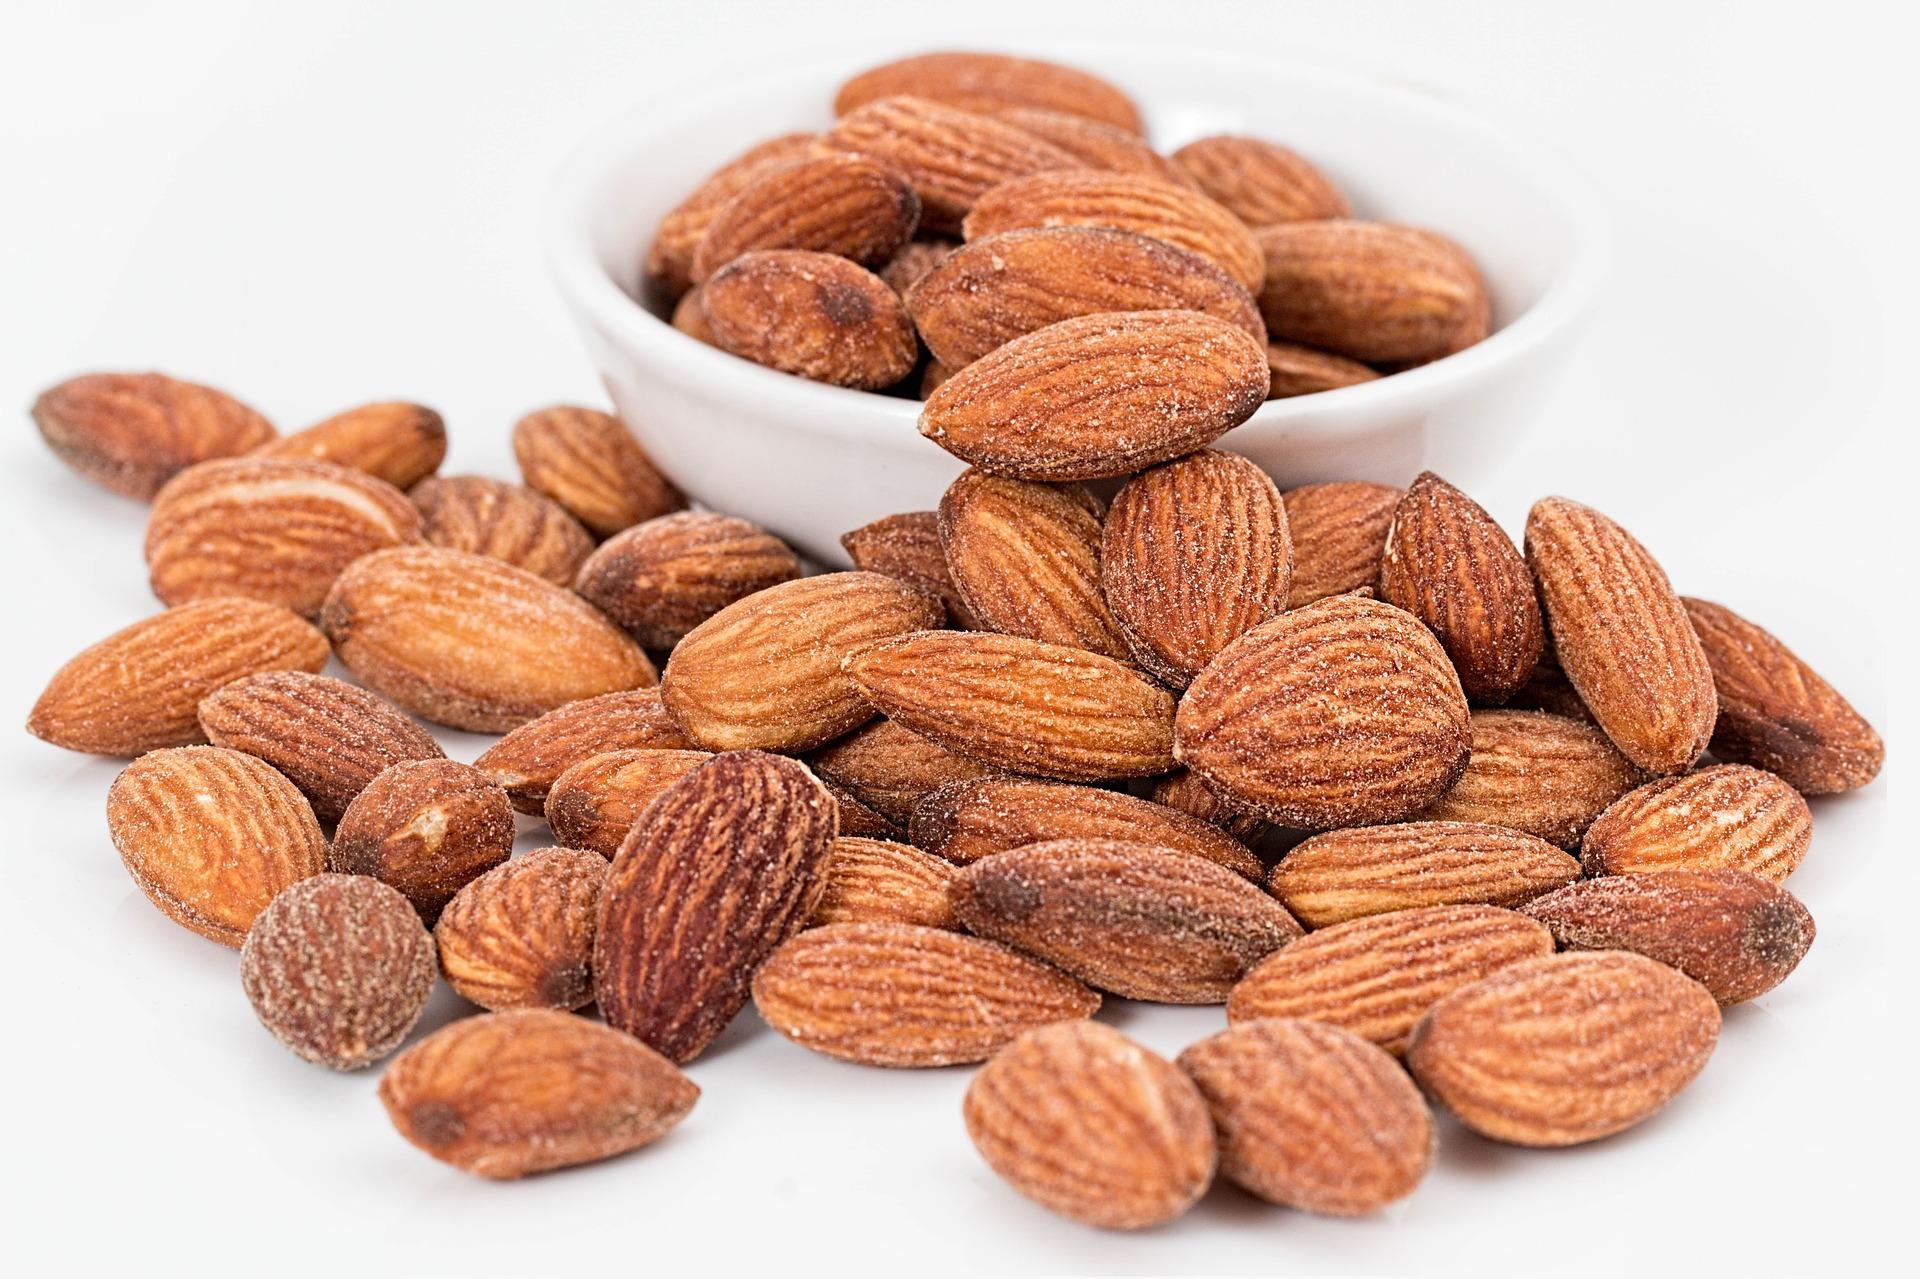 20 корисних продуктів з низьким вмістом вуглеводів